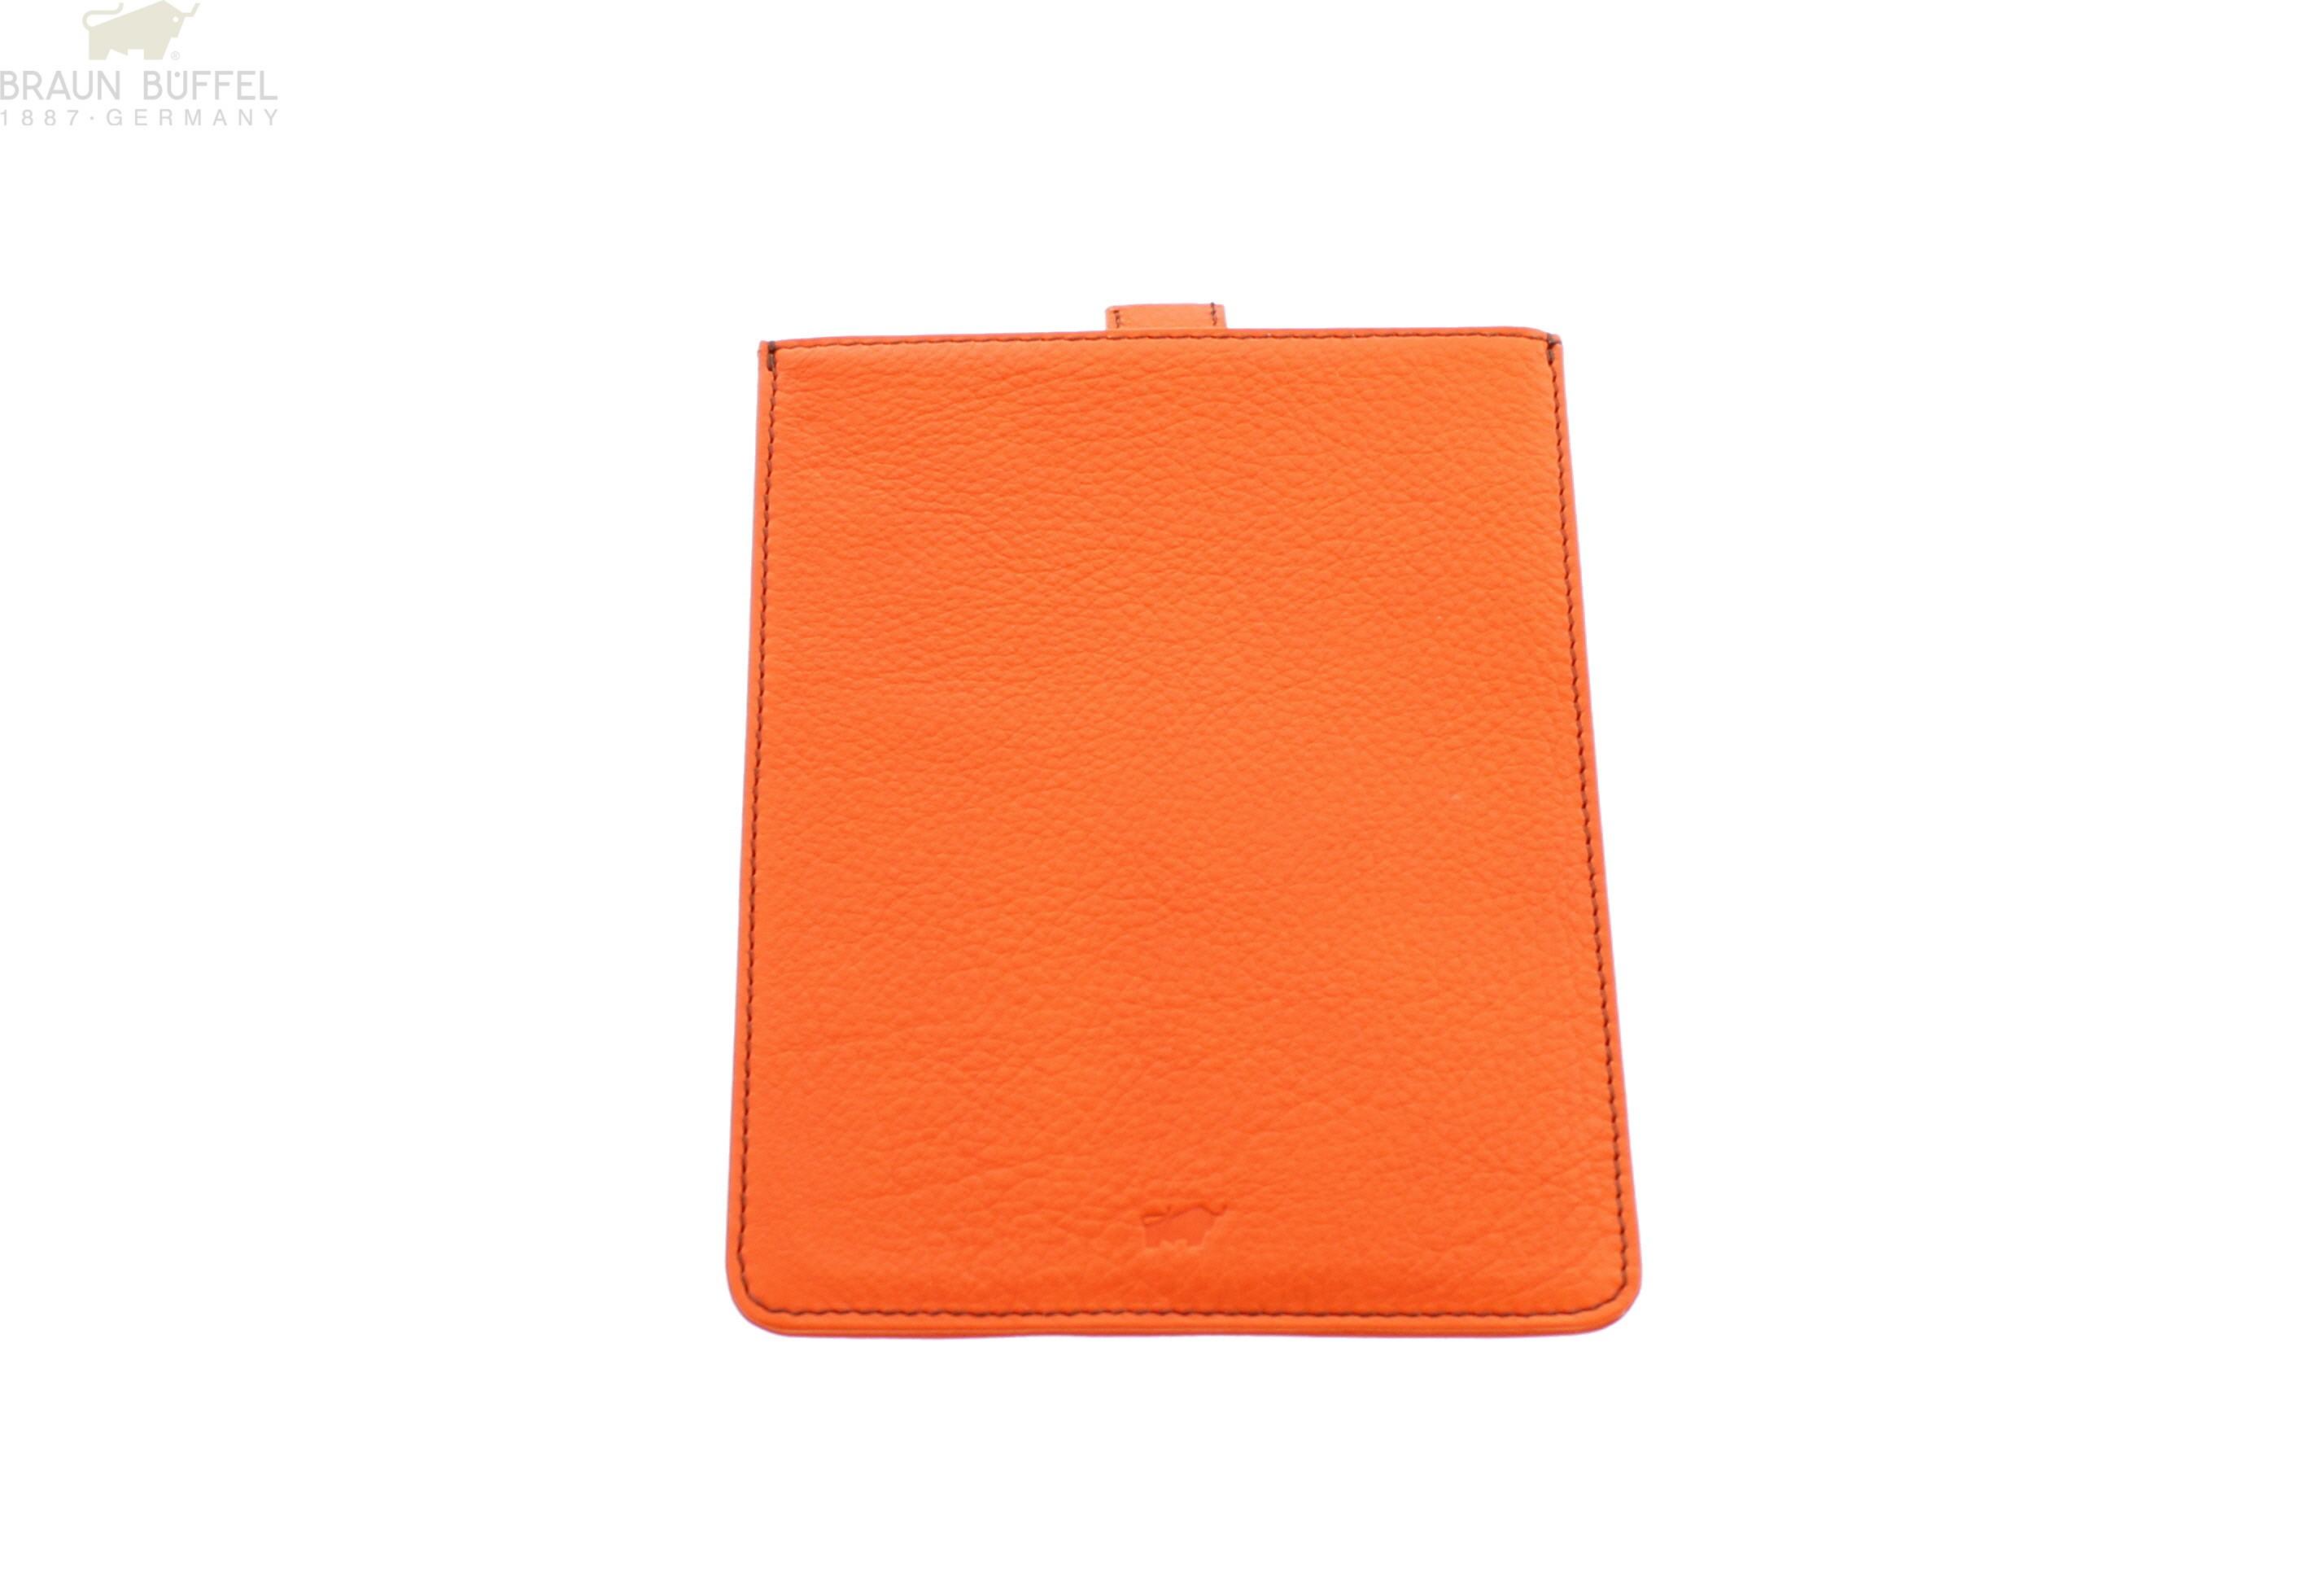 18472_166_077_iPad_mini_Etui_orange01.jpg